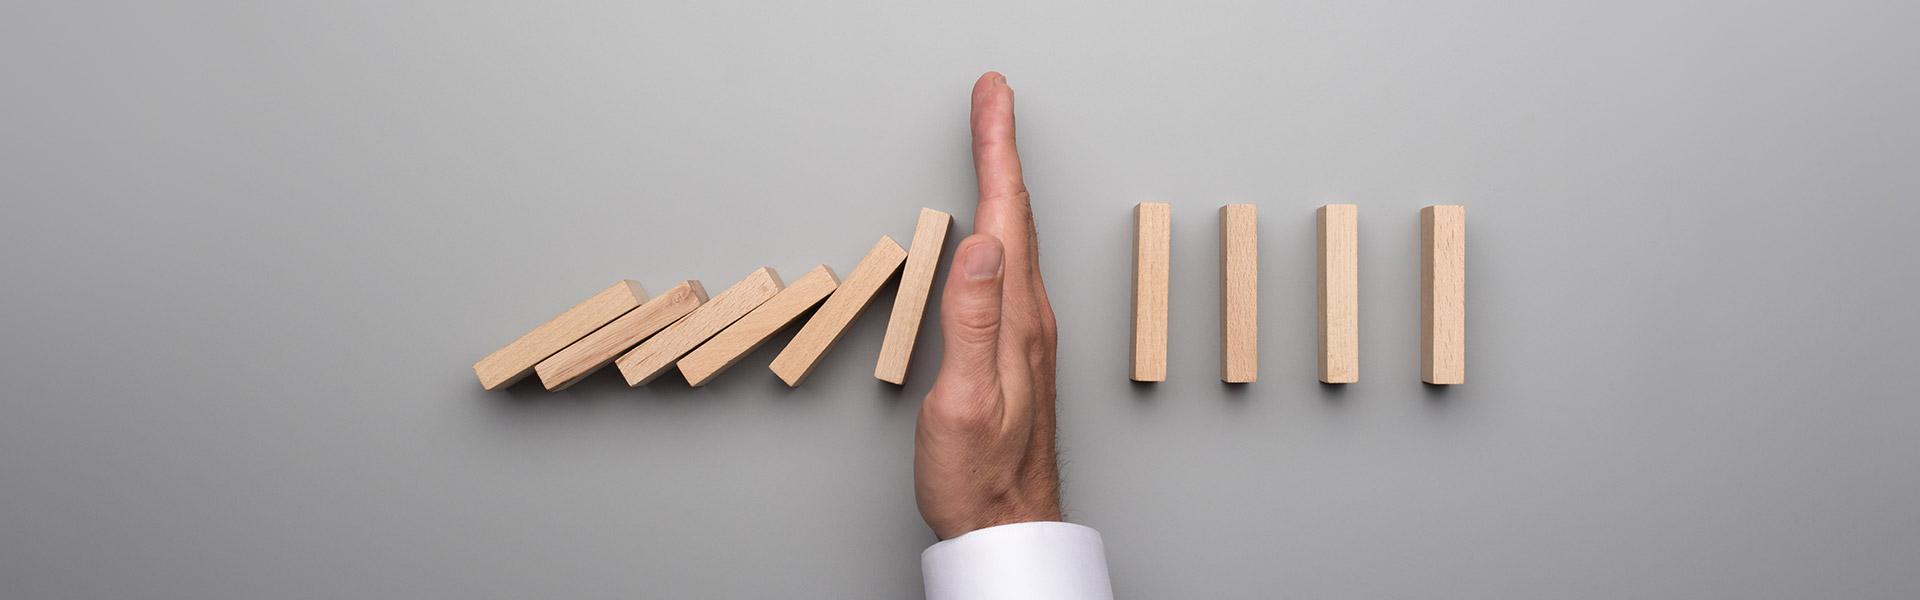 Organisationsentwicklung: Das Potenzial der Mitarbeiter ausschöpfen und fördern